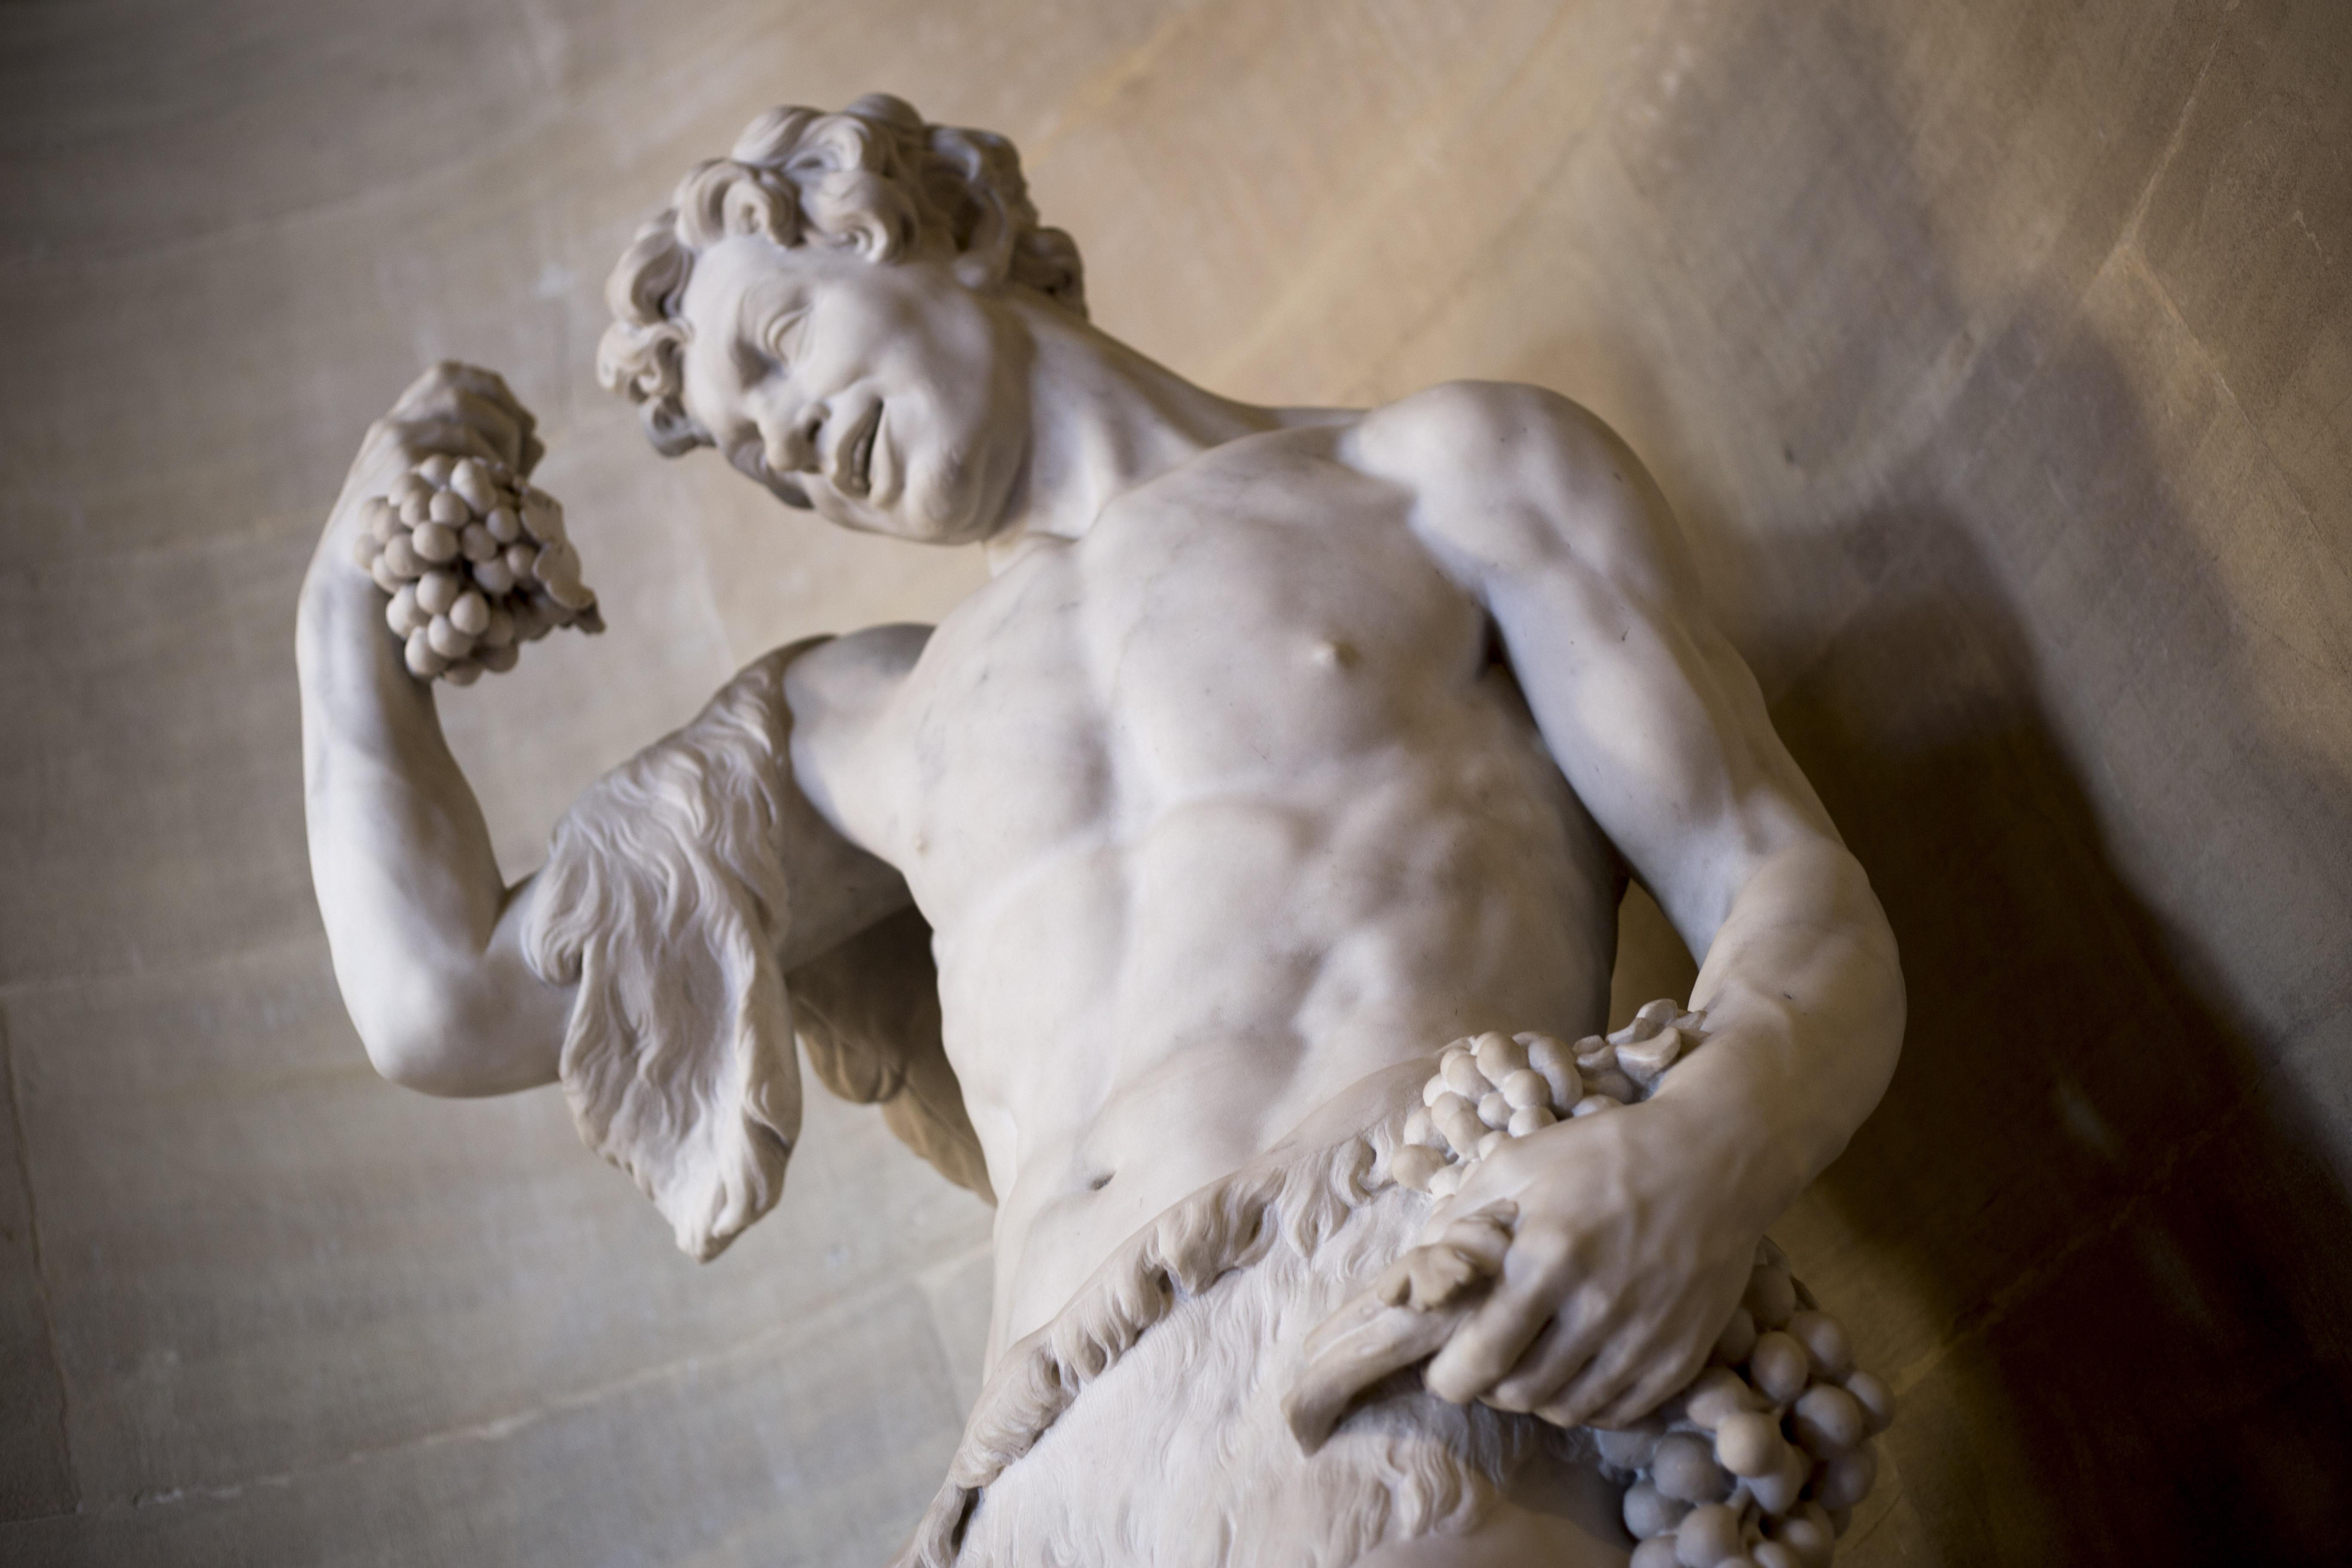 картинки на тему скульптура сегодняшний день